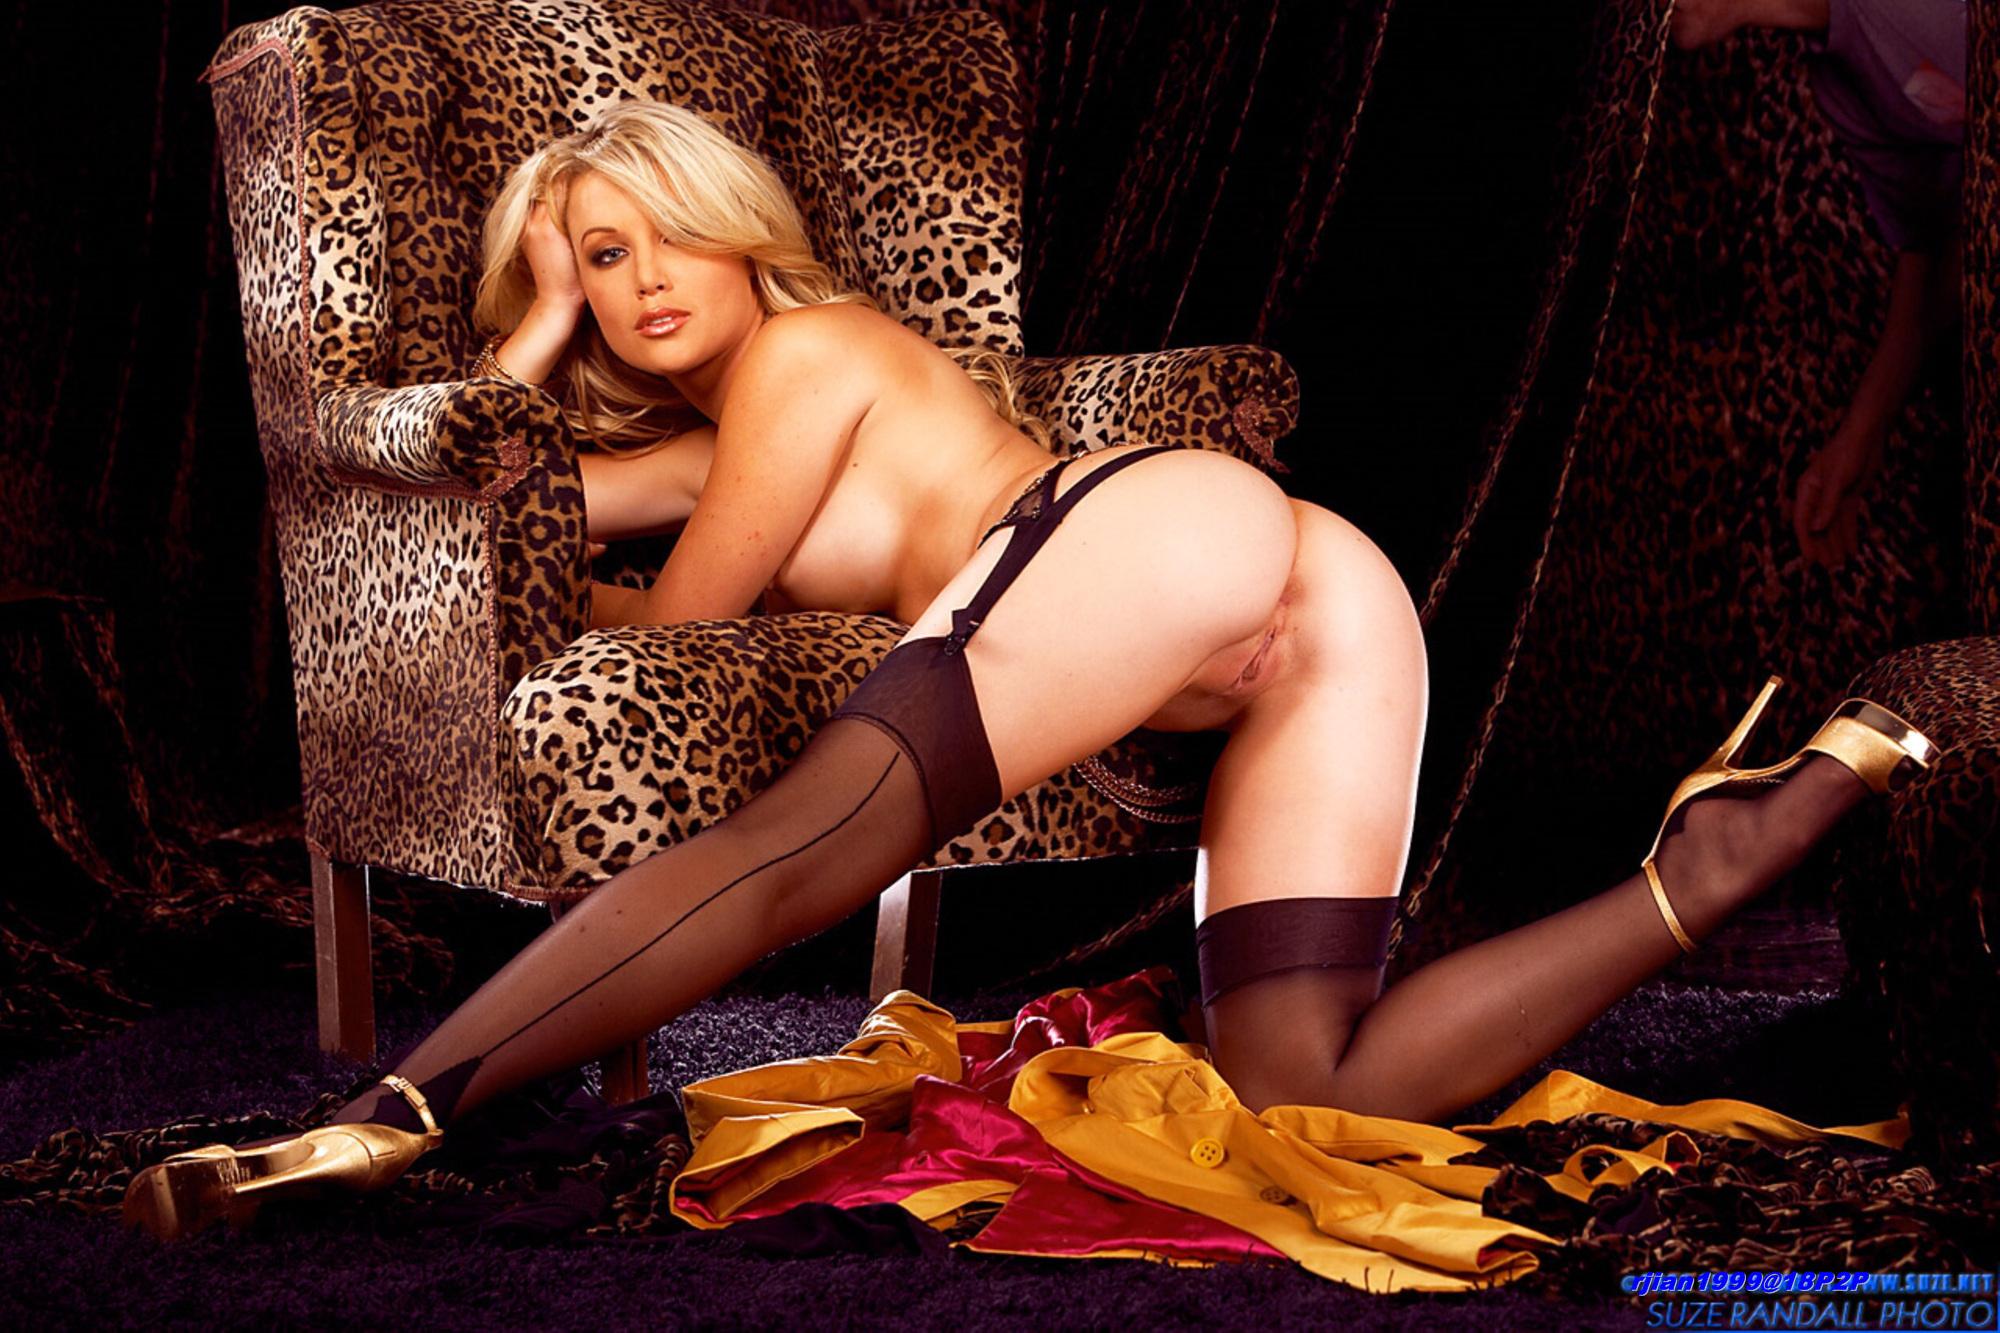 Телочки в сексуальной одежде 9 фотография